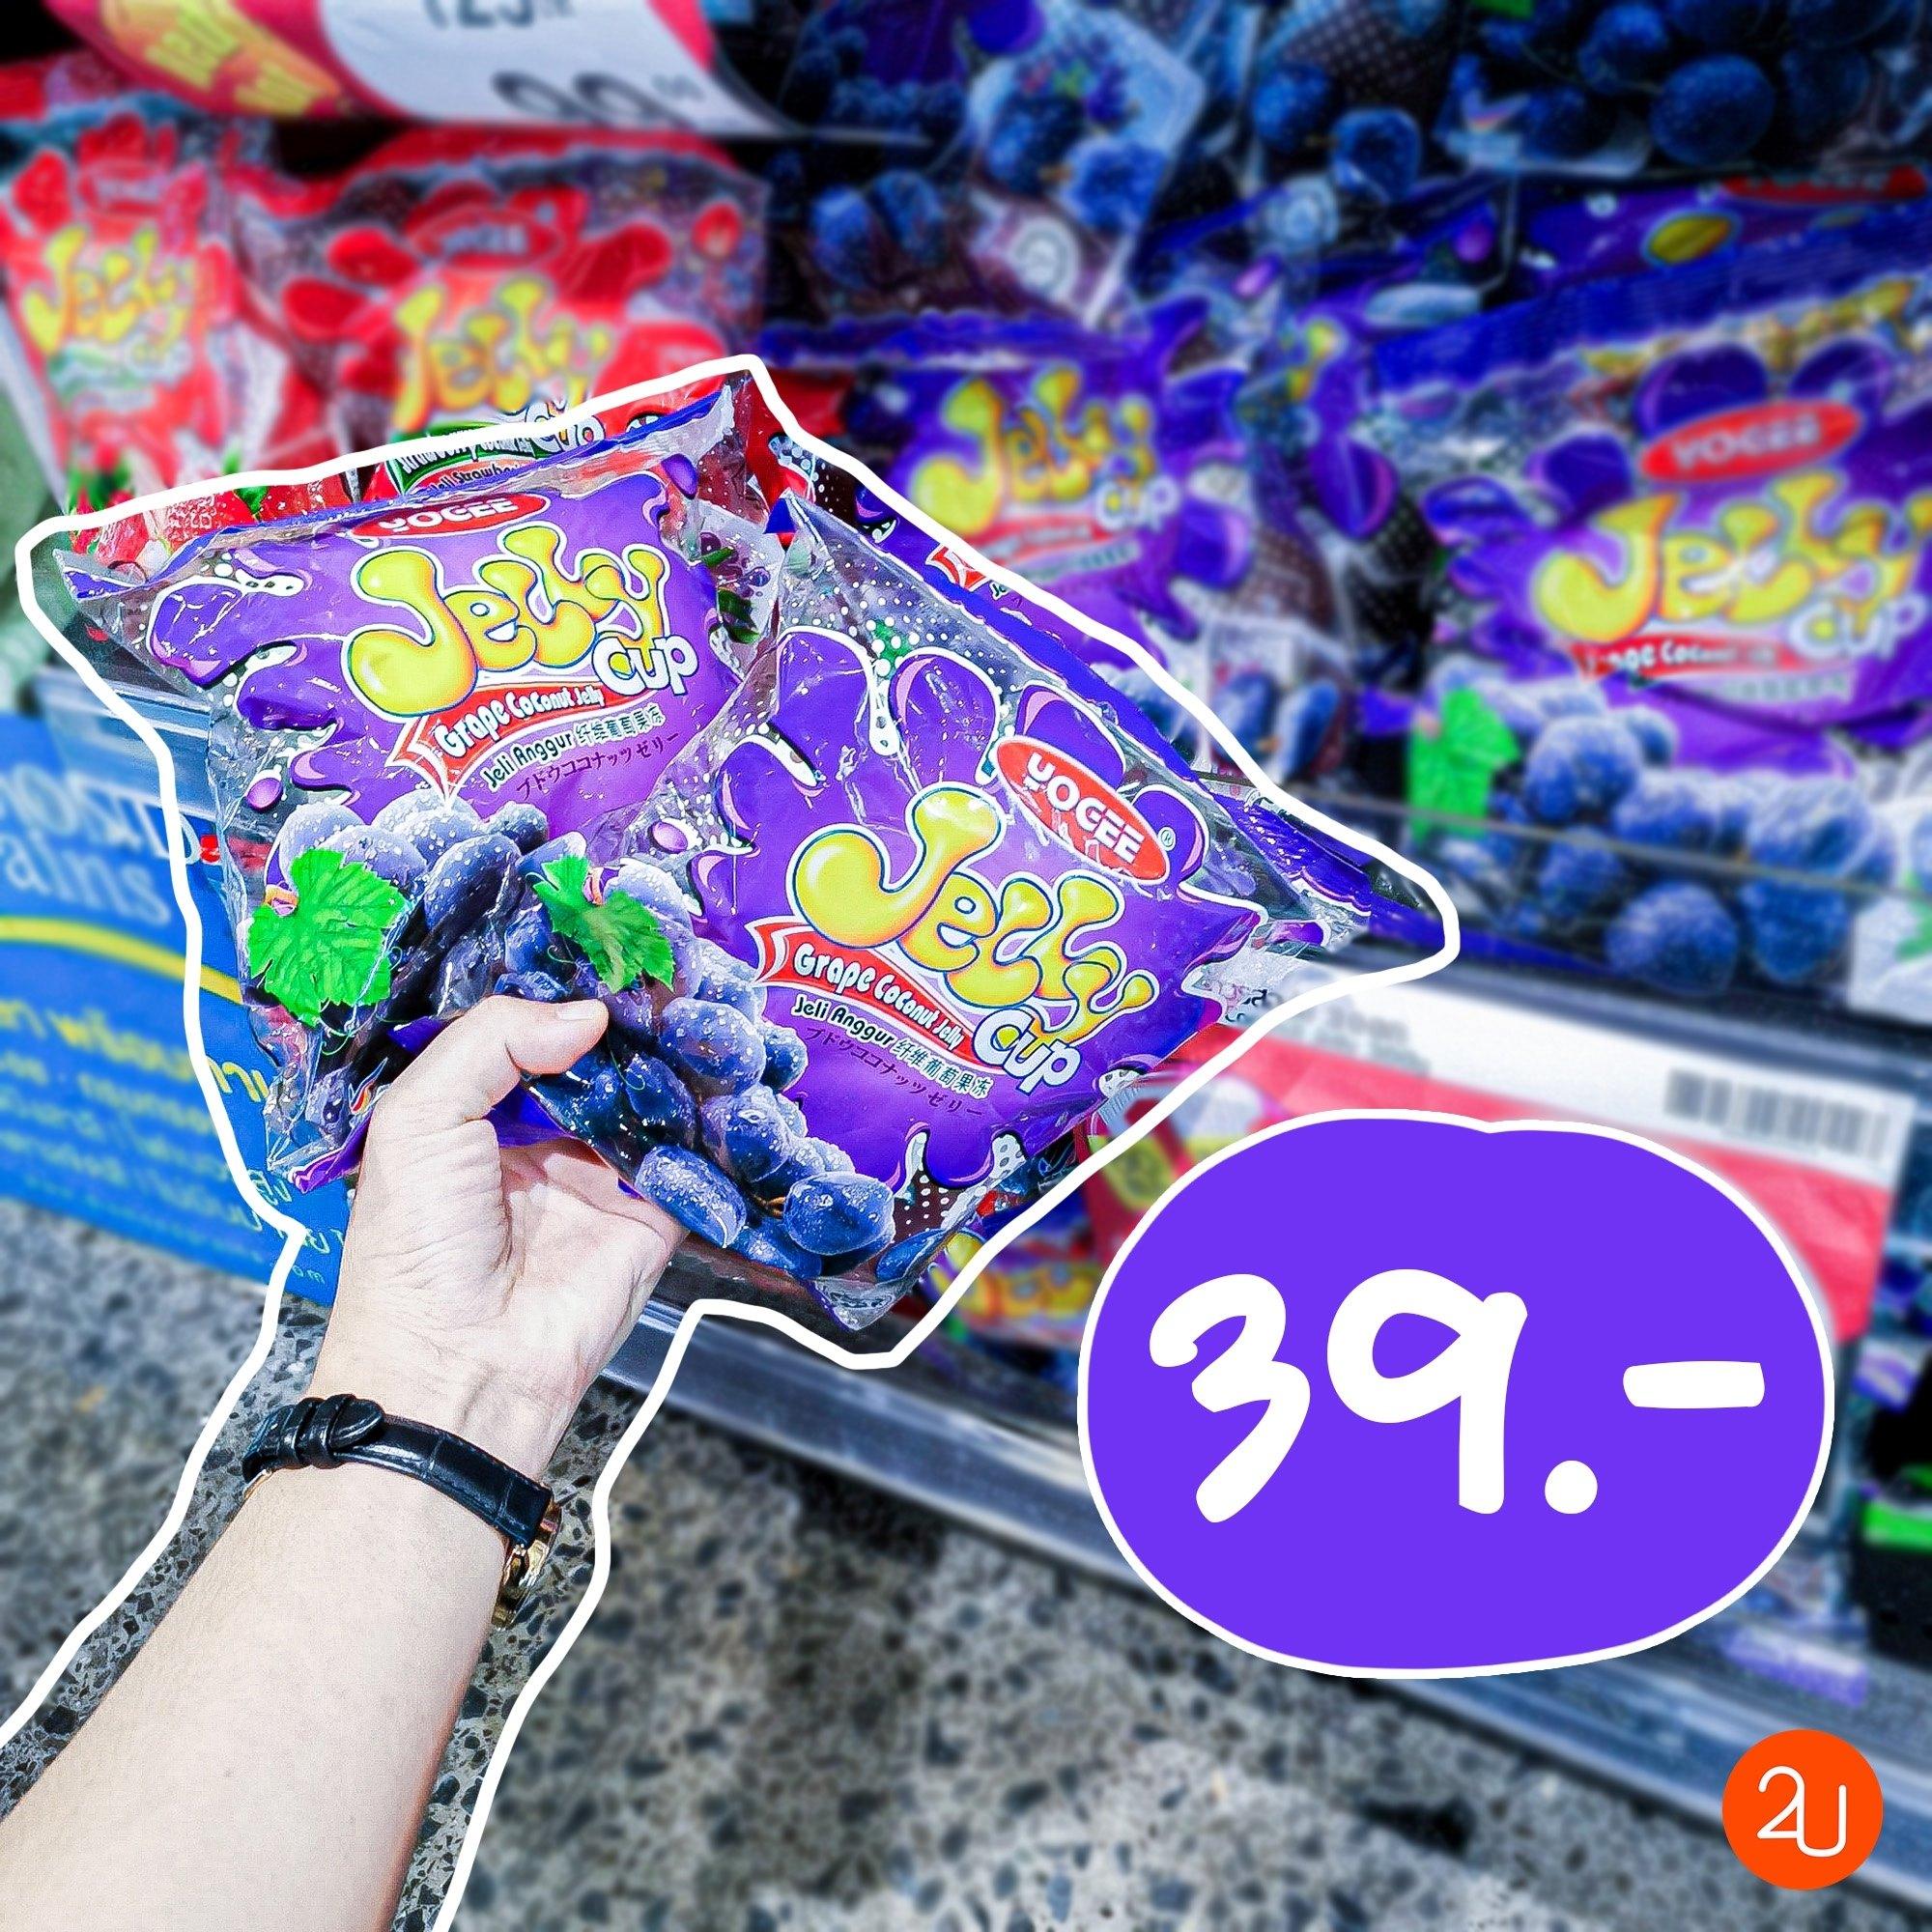 promotion Topsmarket buy 1 get free 1